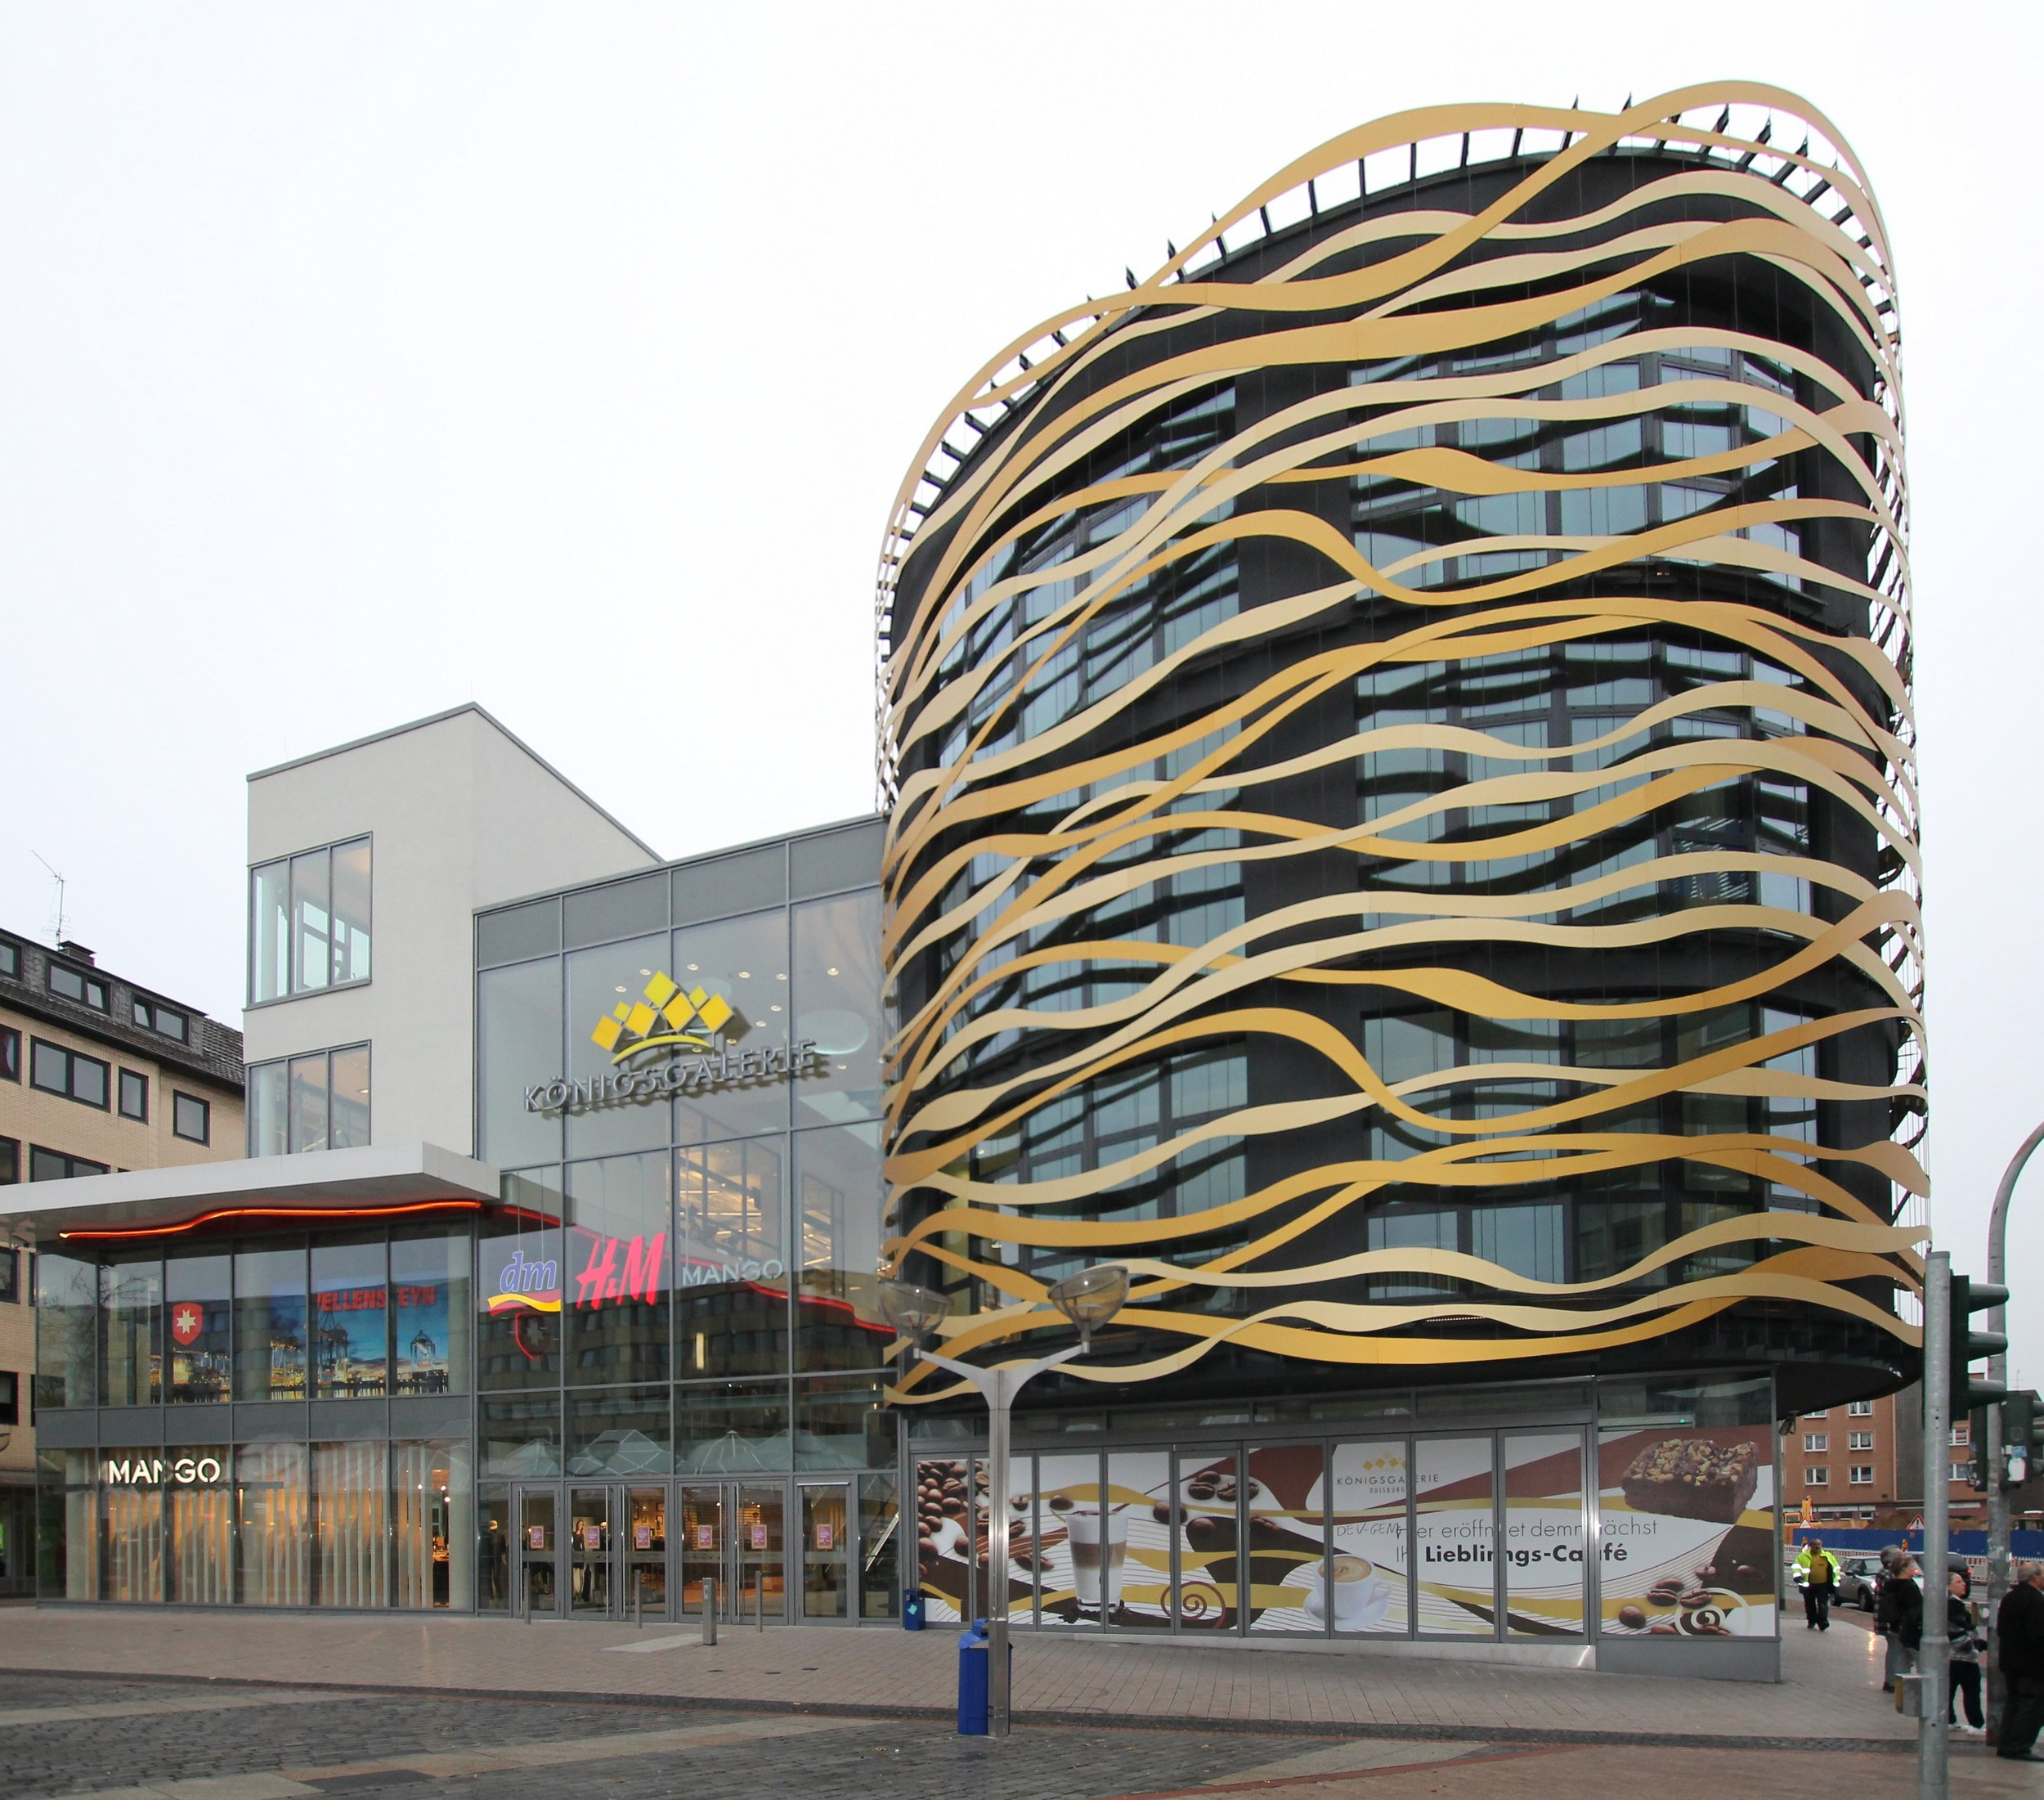 KöGalerie, Duisburg / msp-architekten /  Foto:  P. Strothmann